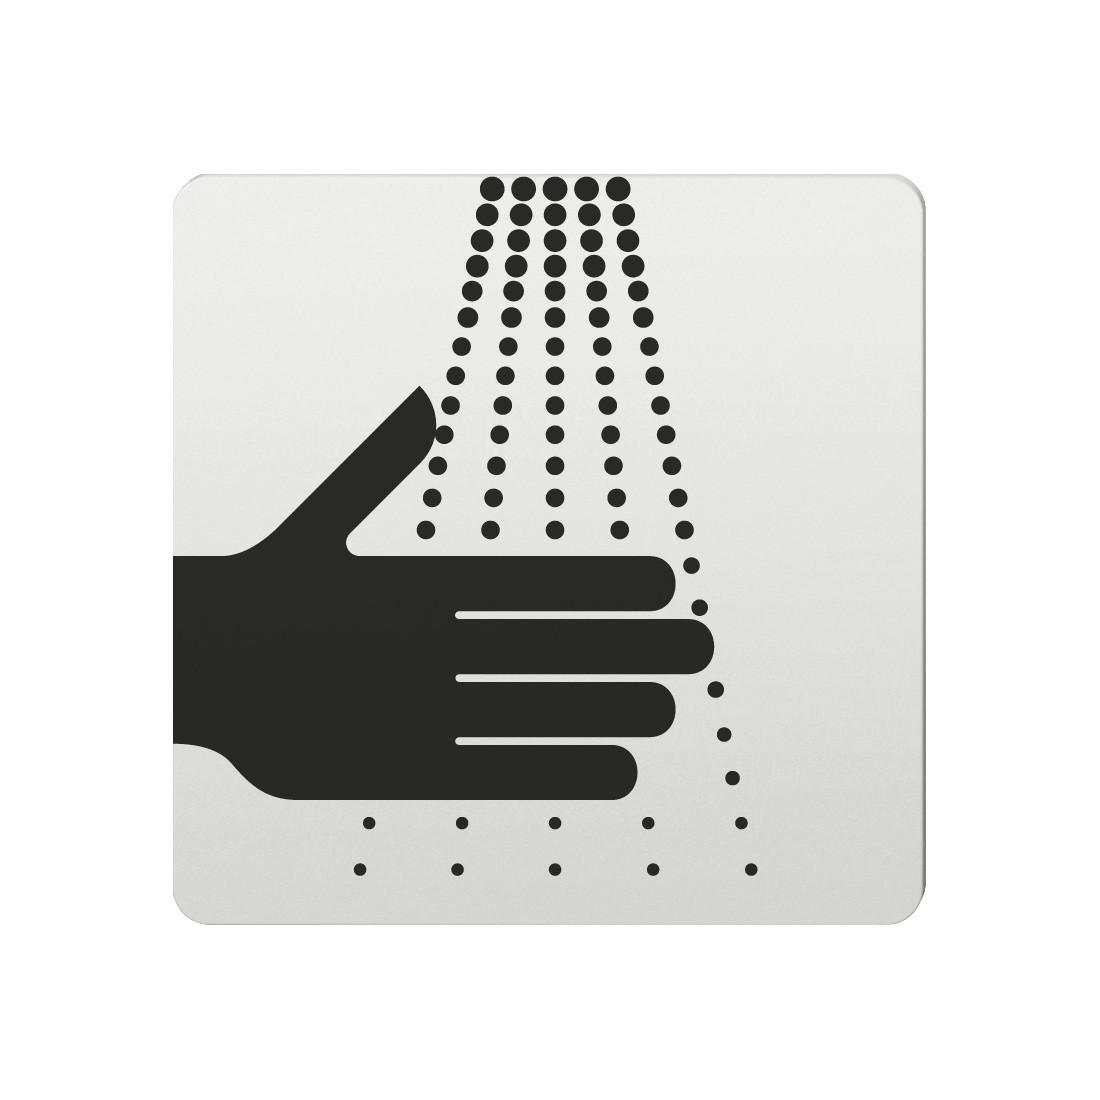 FSB Hinweiszeichen Waschgelegenheit Lasergraviert Aluminium naturfarbig (0 36 4059 00104 0105)